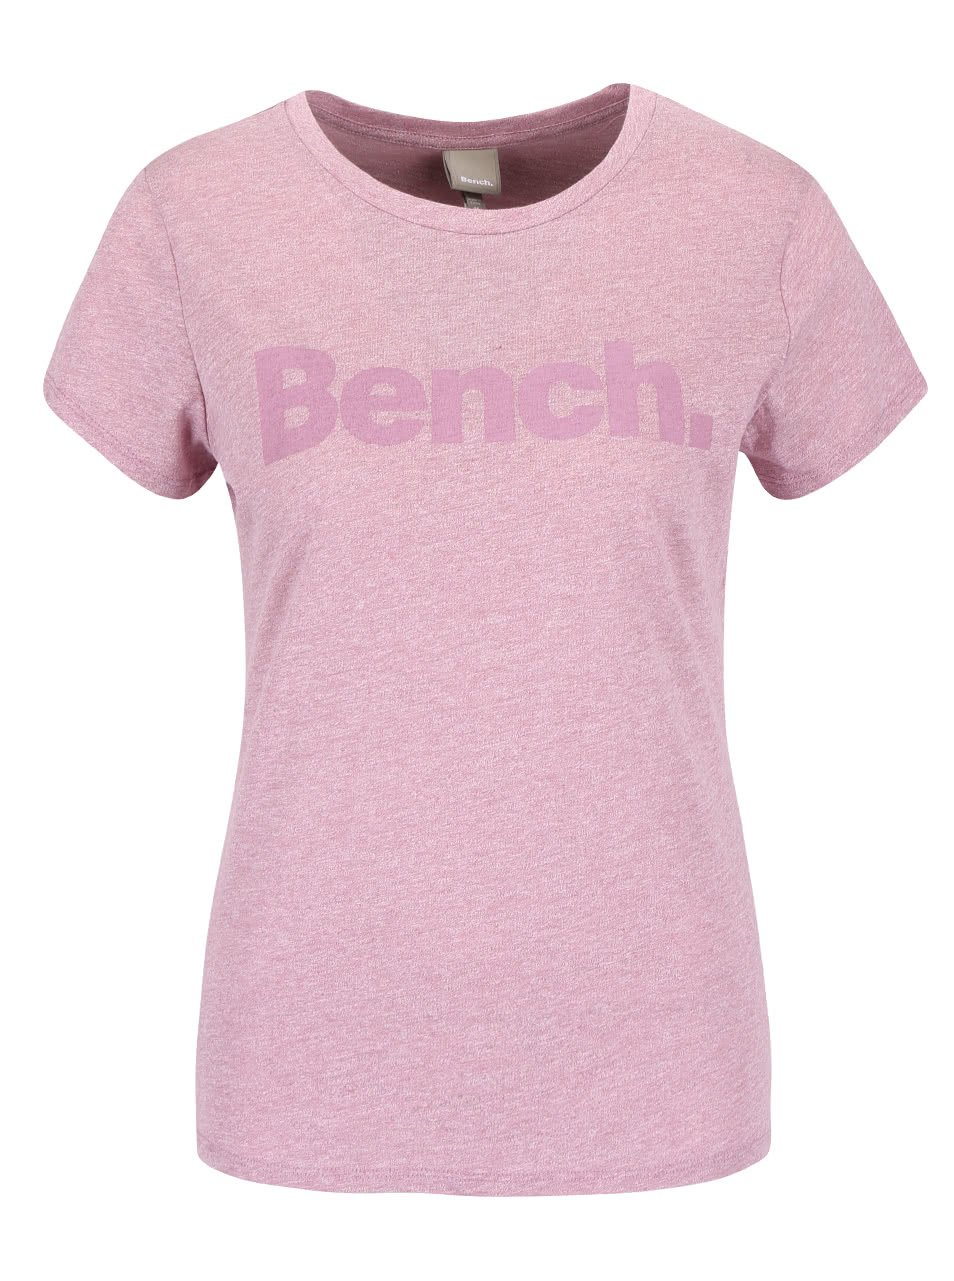 Růžové žíhané dámské tričko s potiskem Bench